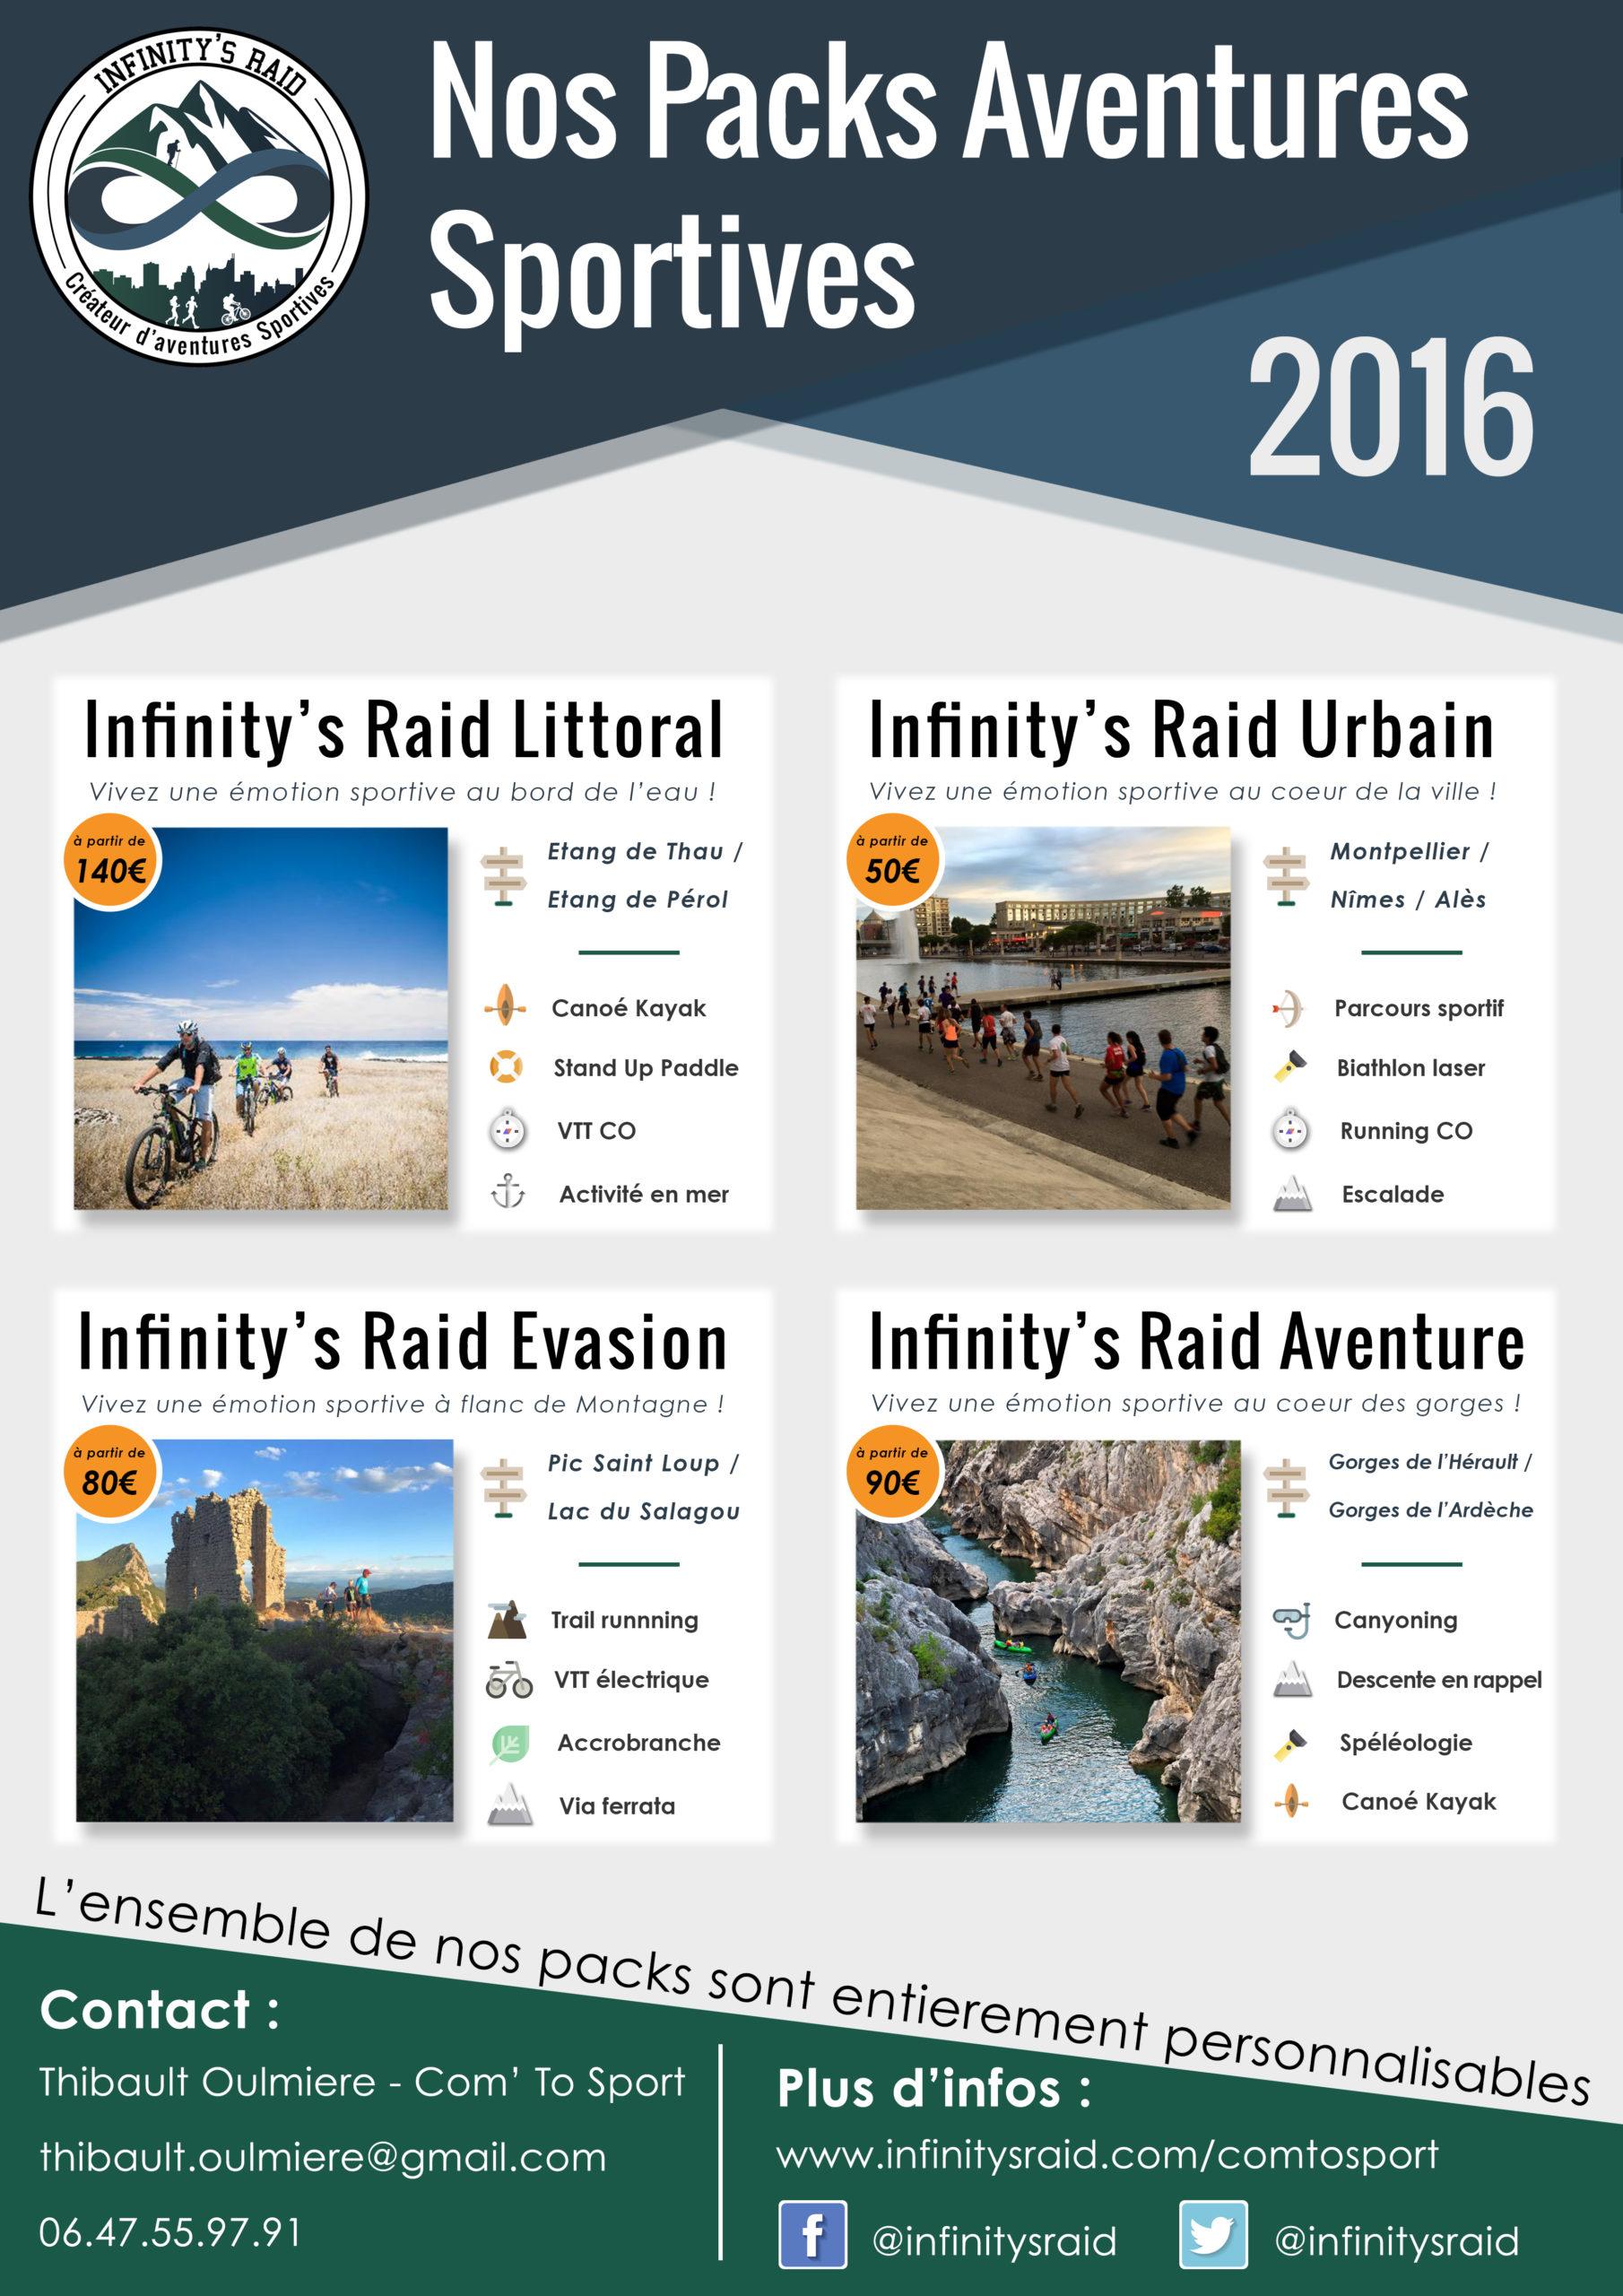 Plaquette commerciale d'Infinity's Raid, aventures sportives et Team Building